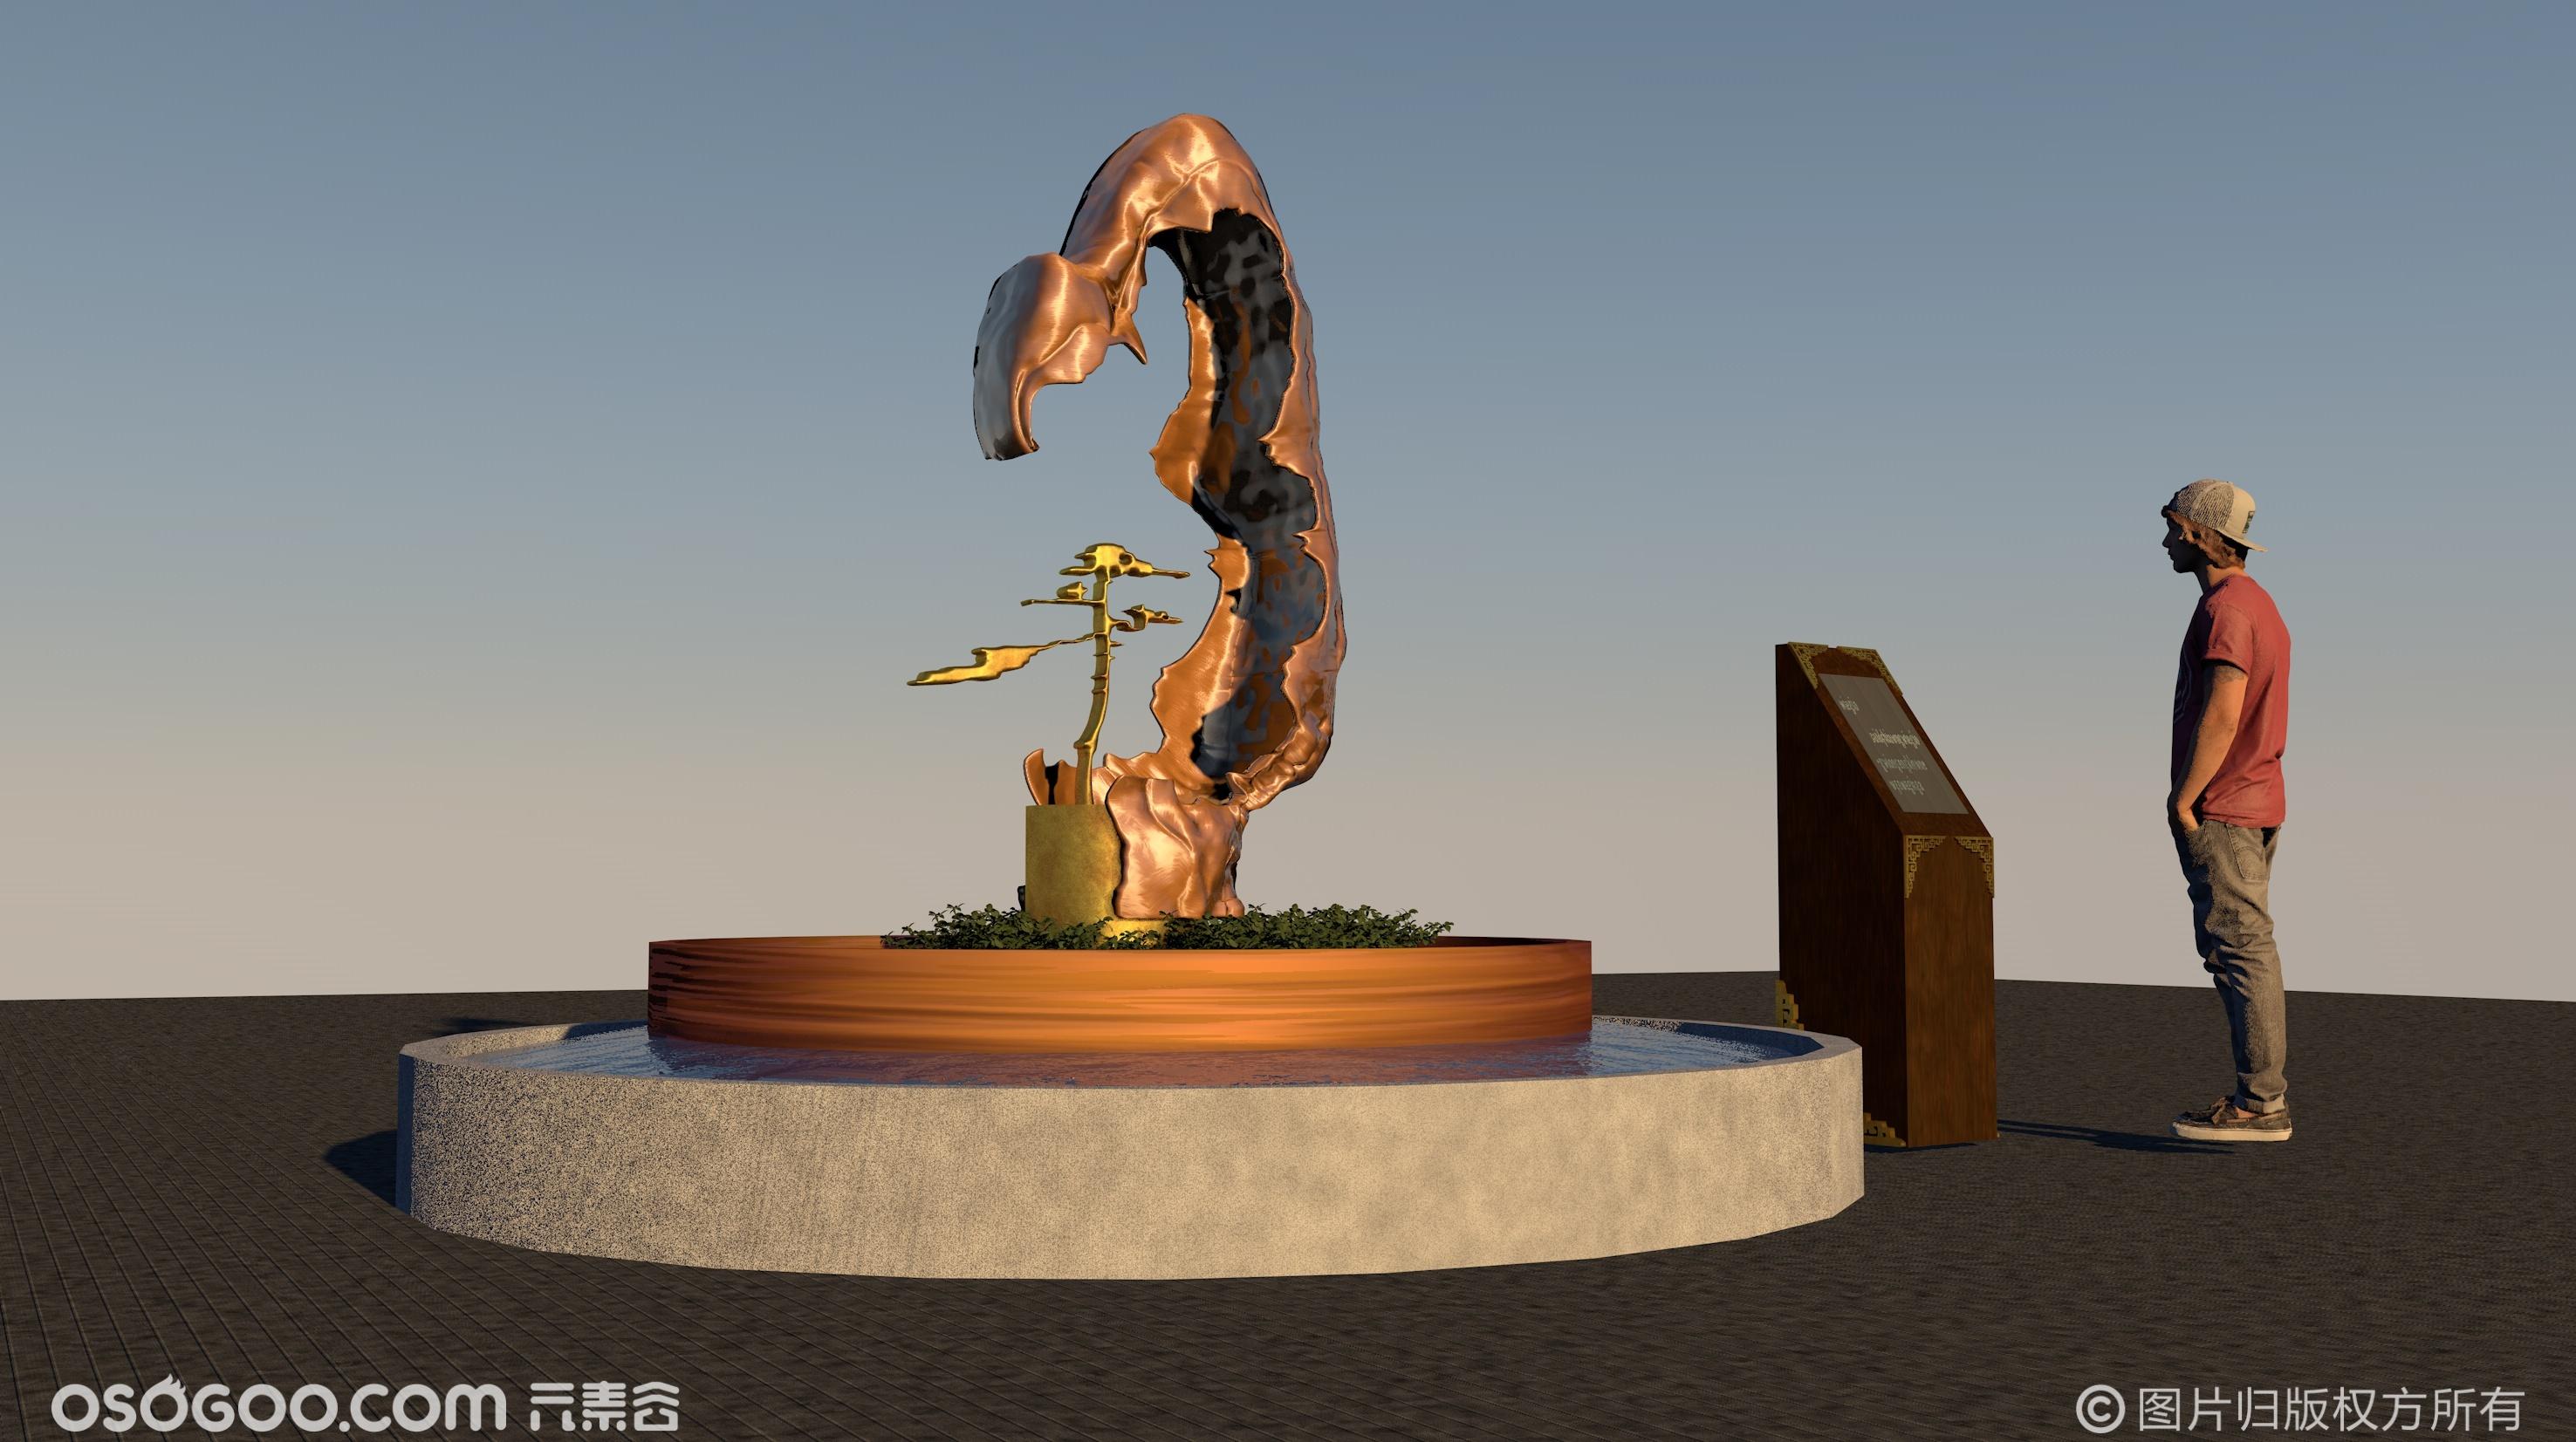 现代文化雕塑.孝.长寿.盆景.教育.运动